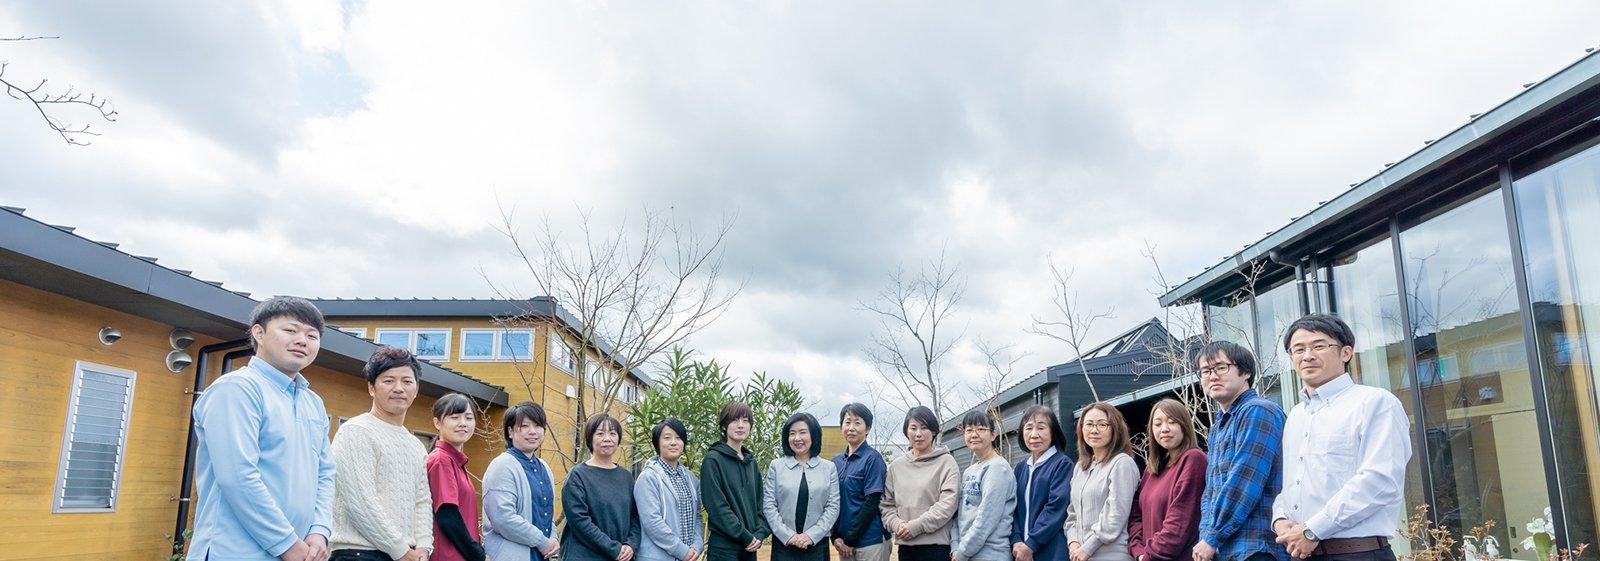 社会福祉法人名張育成会 - くらしサポート ゆっくる/生活支援スタッフ(パート職員)